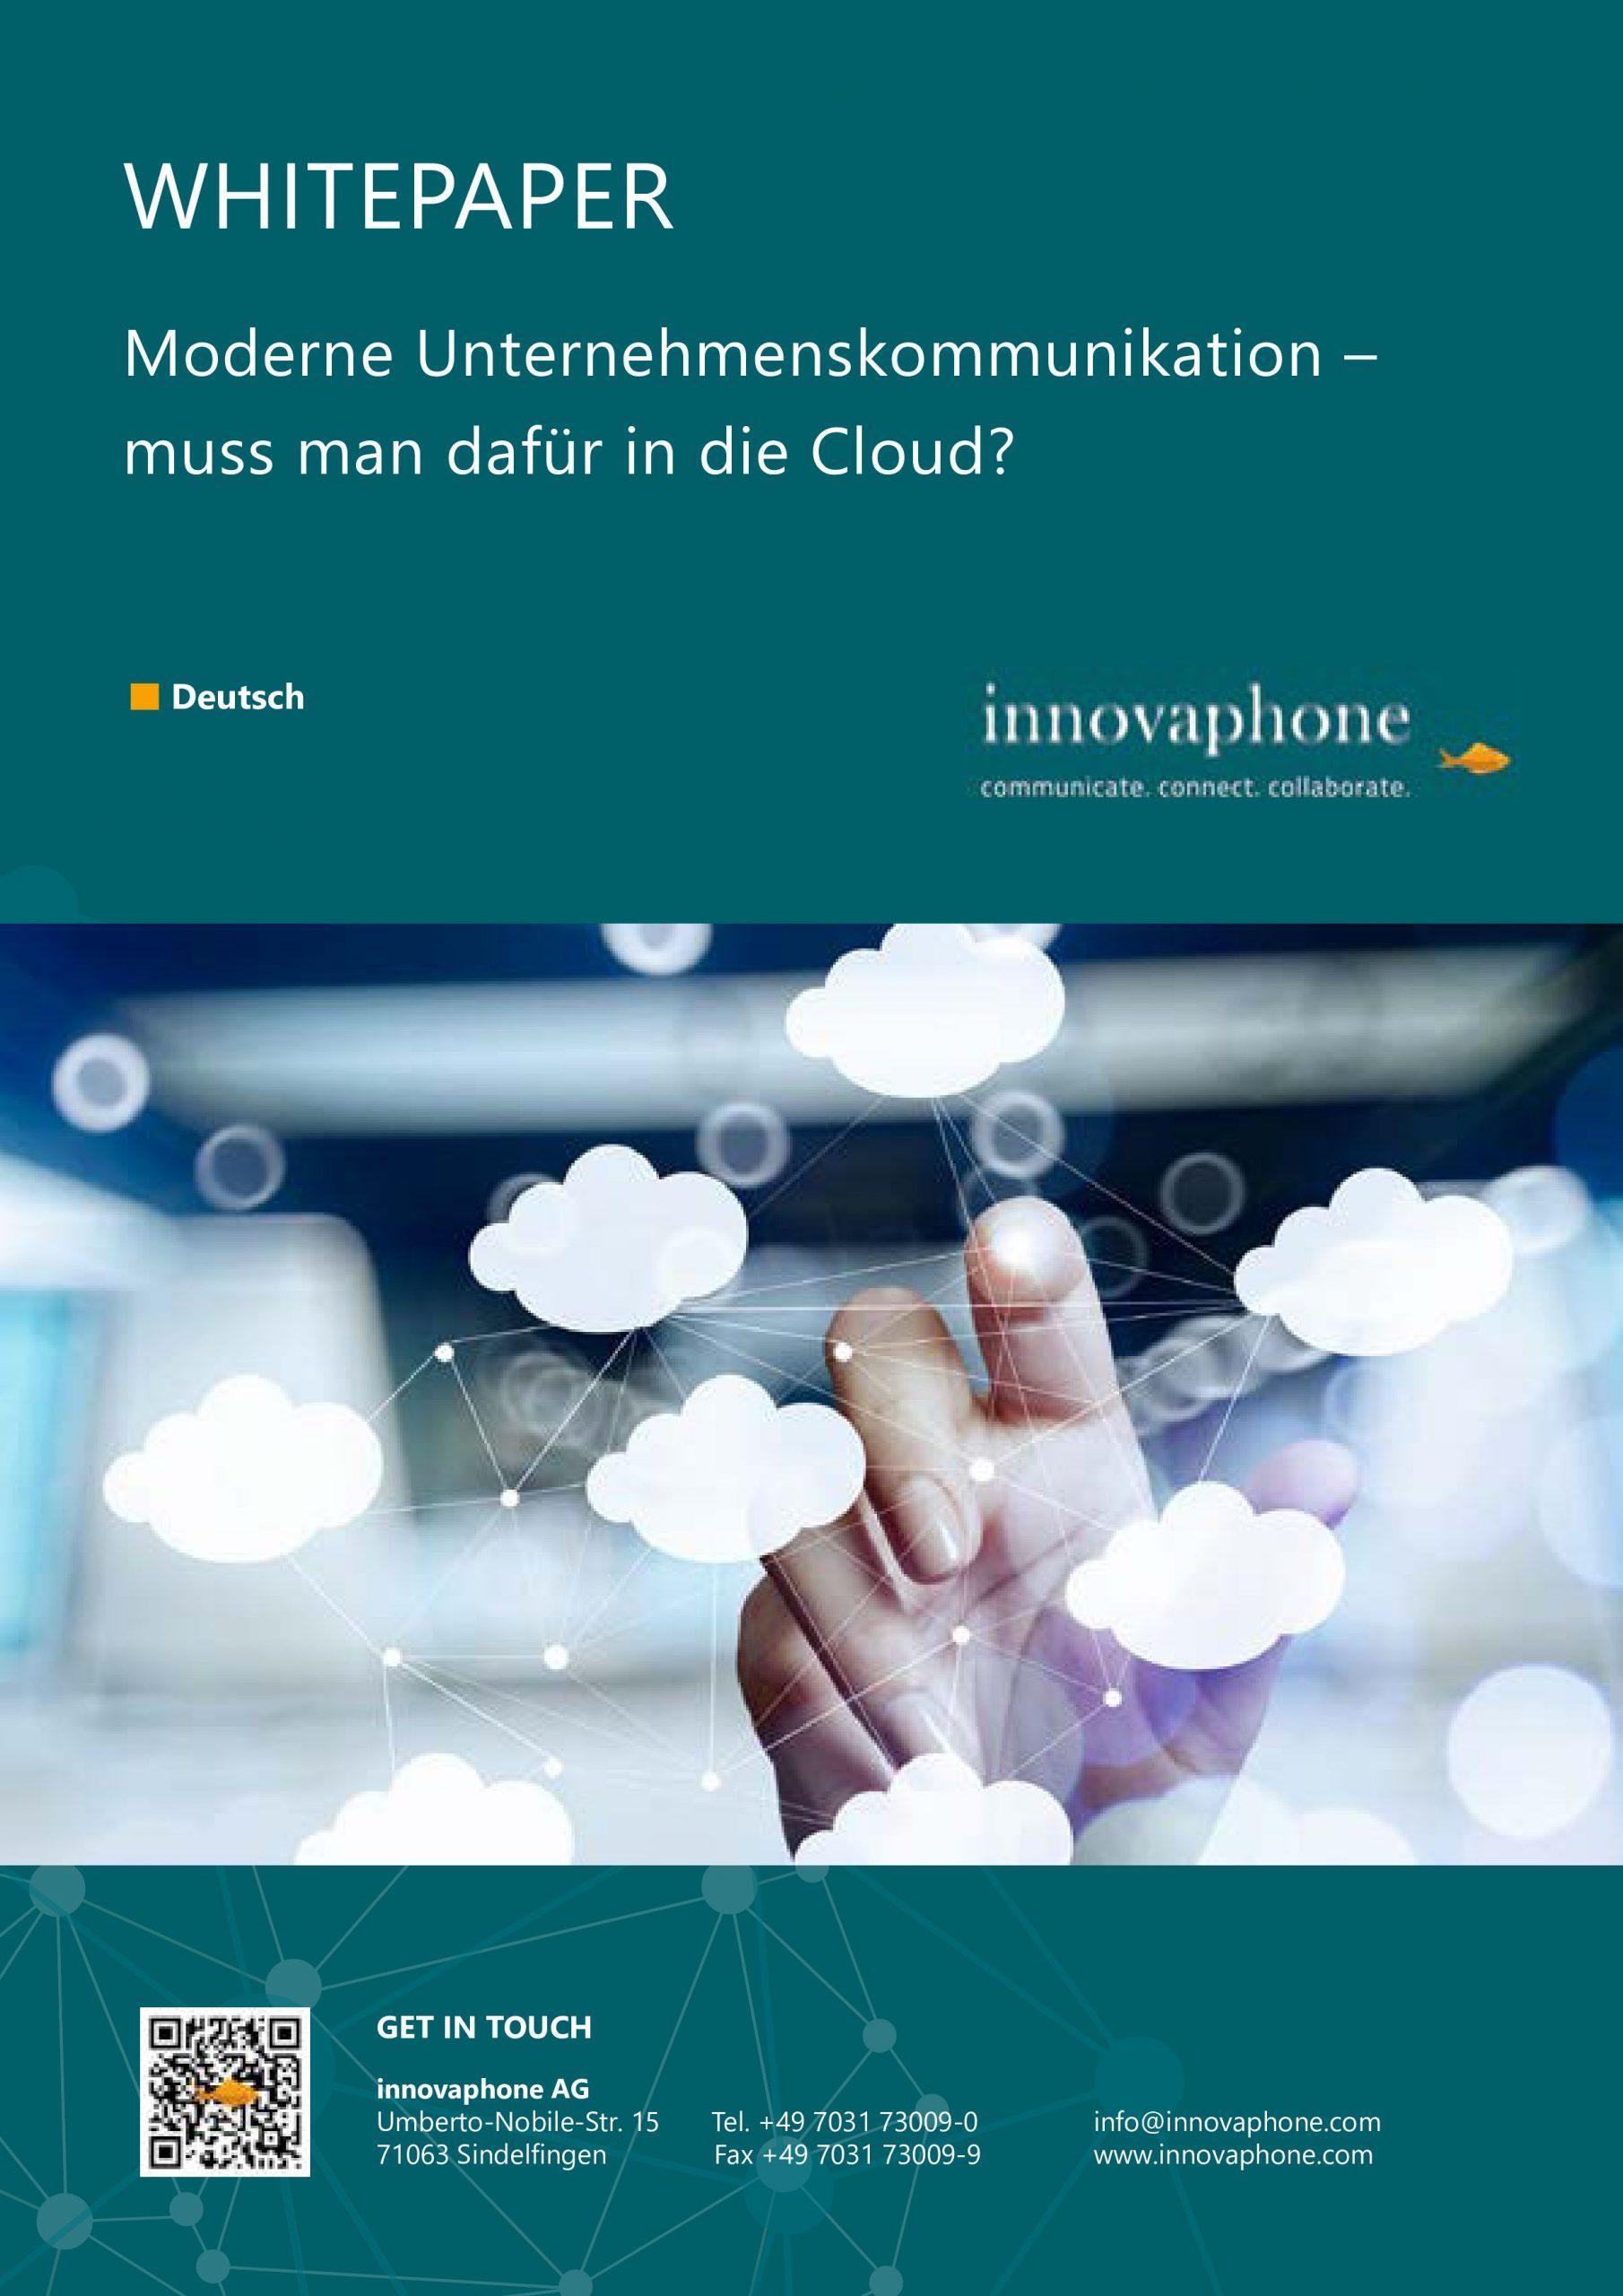 Whitepaper: Moderne Unternehmenskommunikation